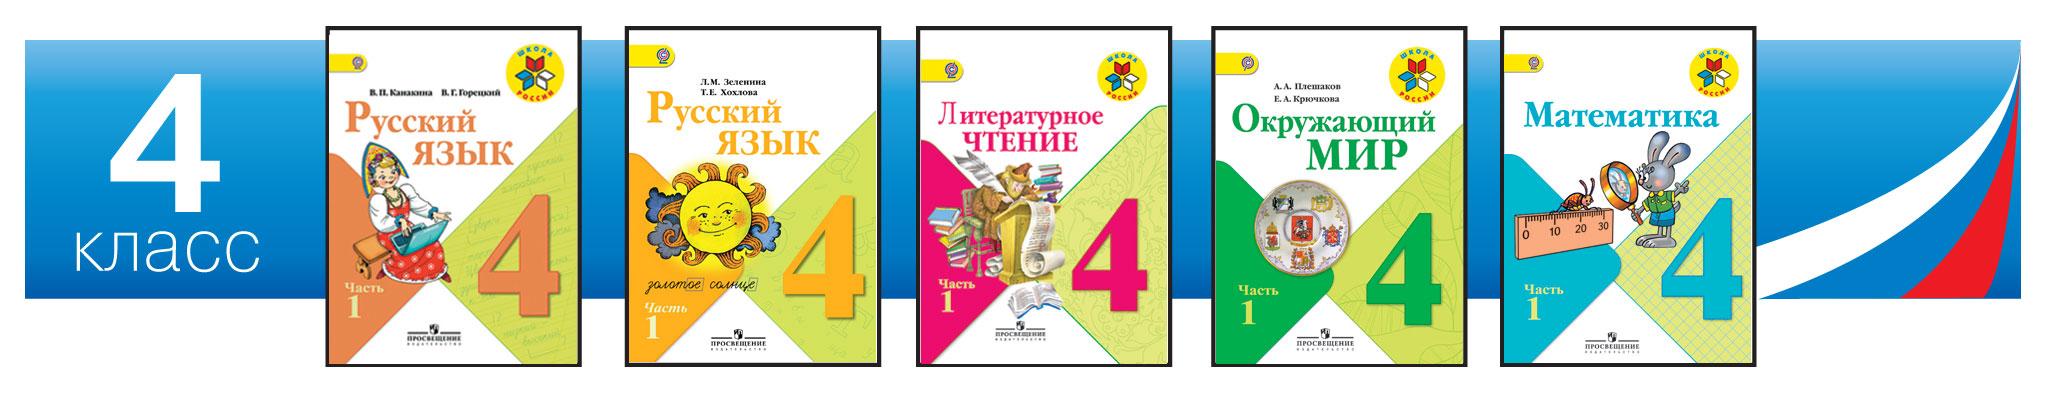 Учебники по программа начальной школы казахстана — pic 5